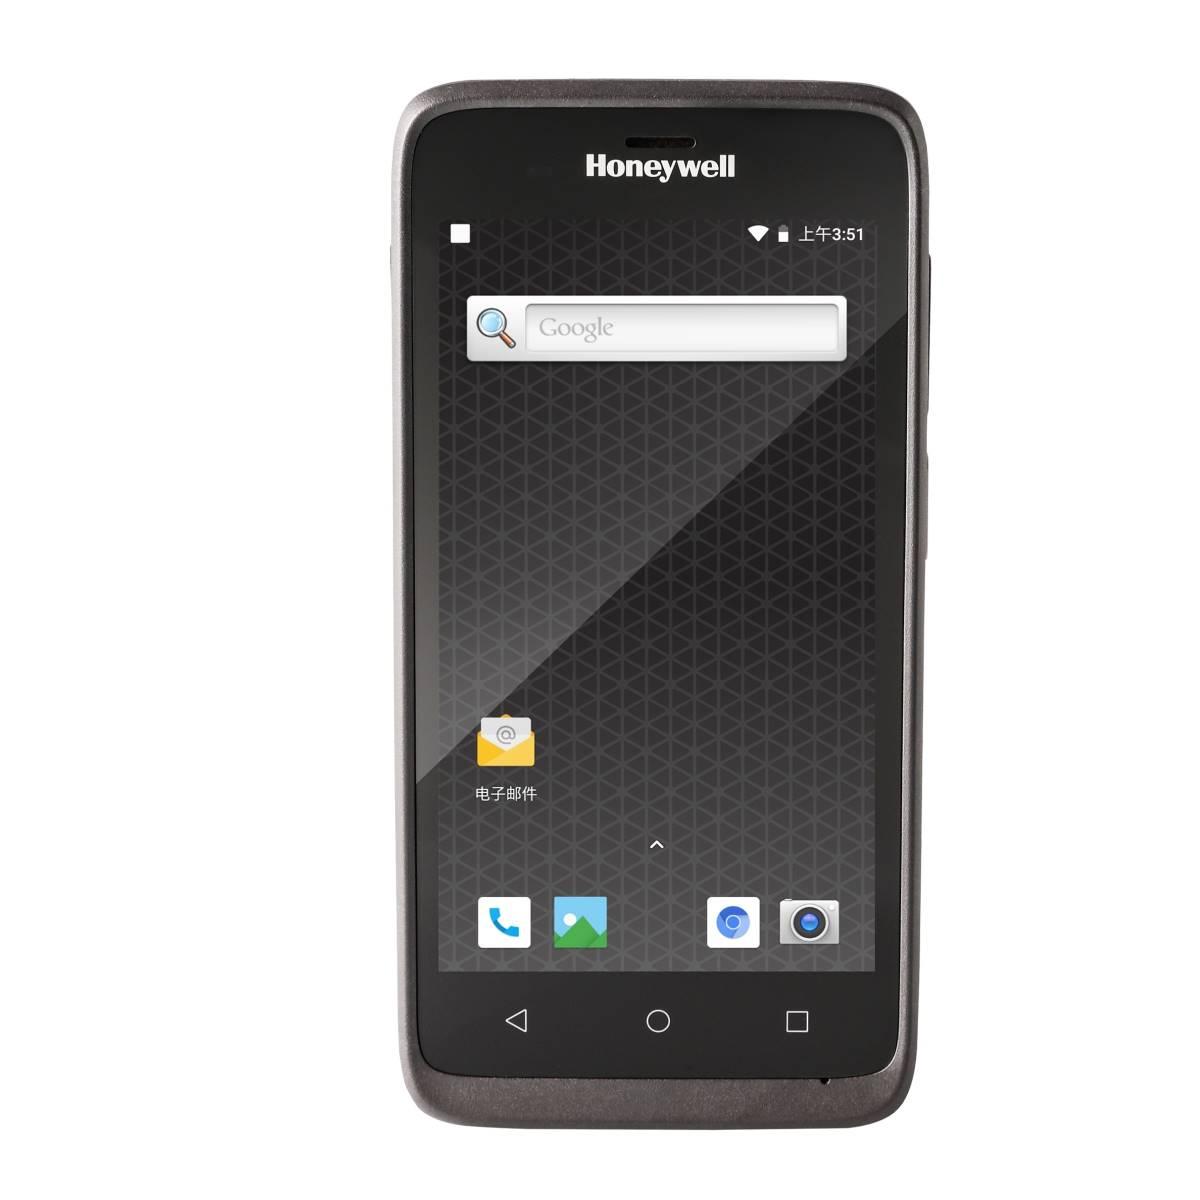 Coletor de Dados Honeywell EDA51 - Touch 5 Polegadas, Wi-Fi, Bluetooth, Android 8  - Haja Automação